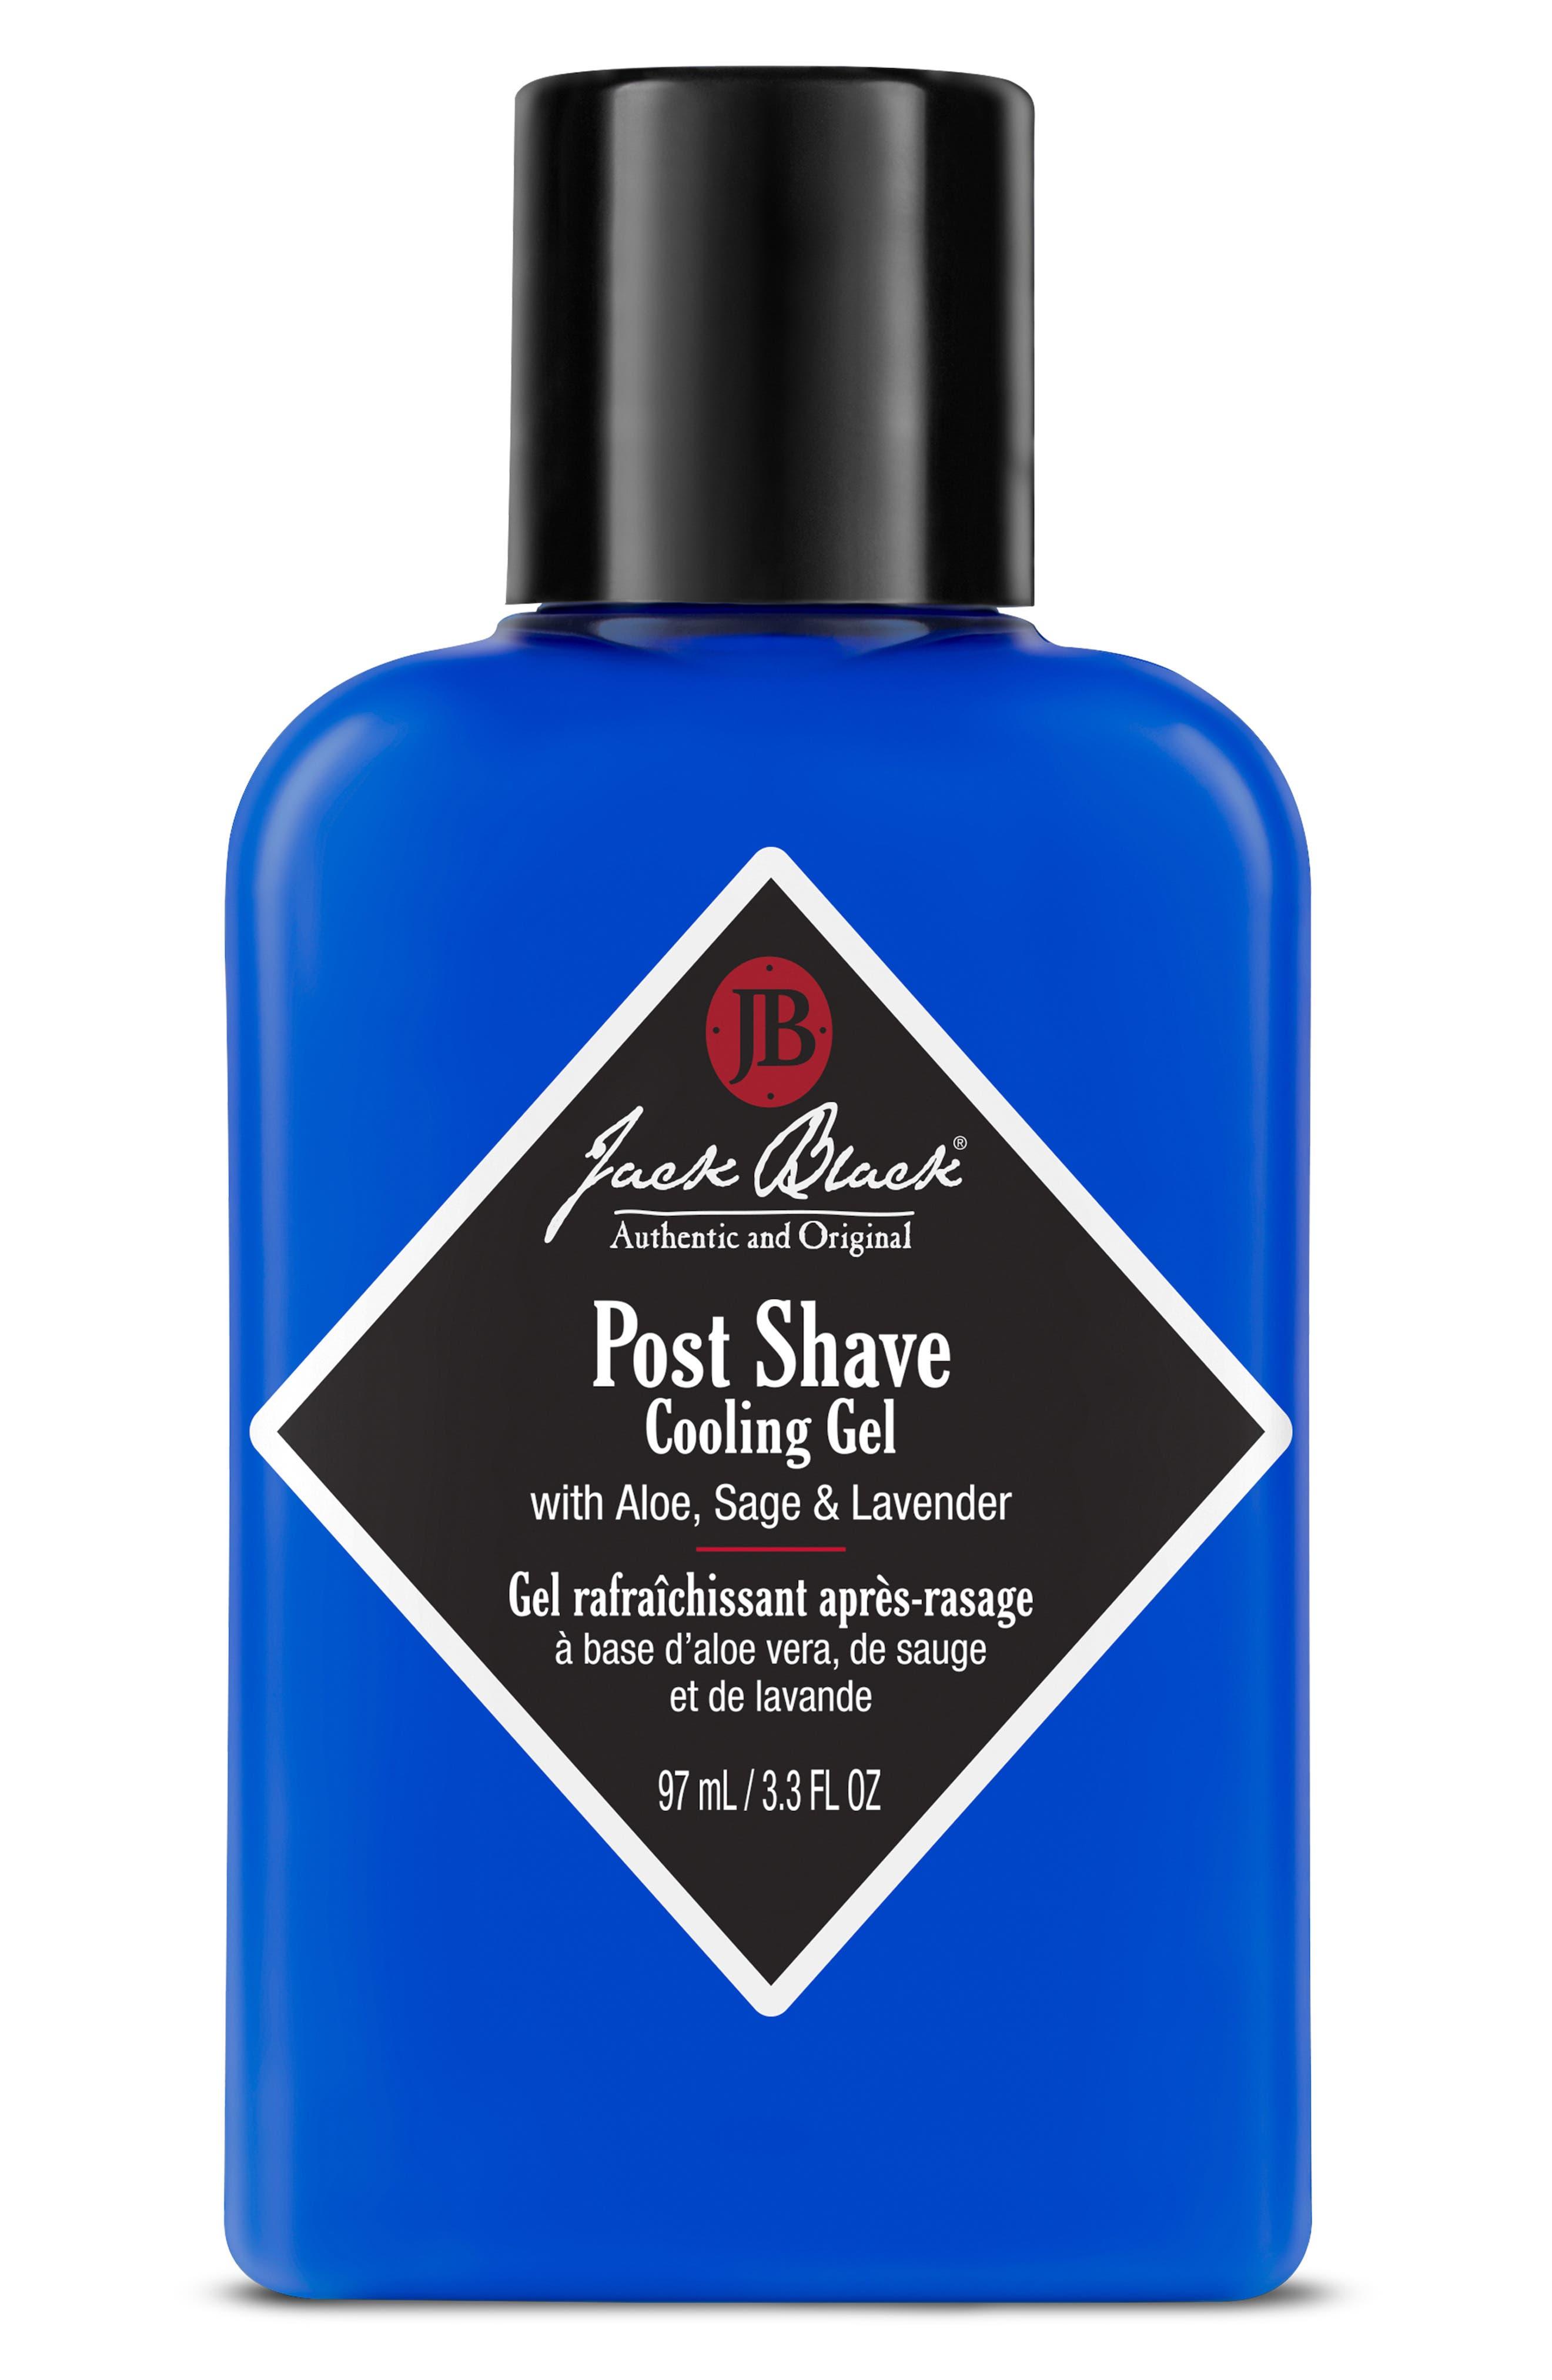 Post Shave Cooling Gel | Nordstrom